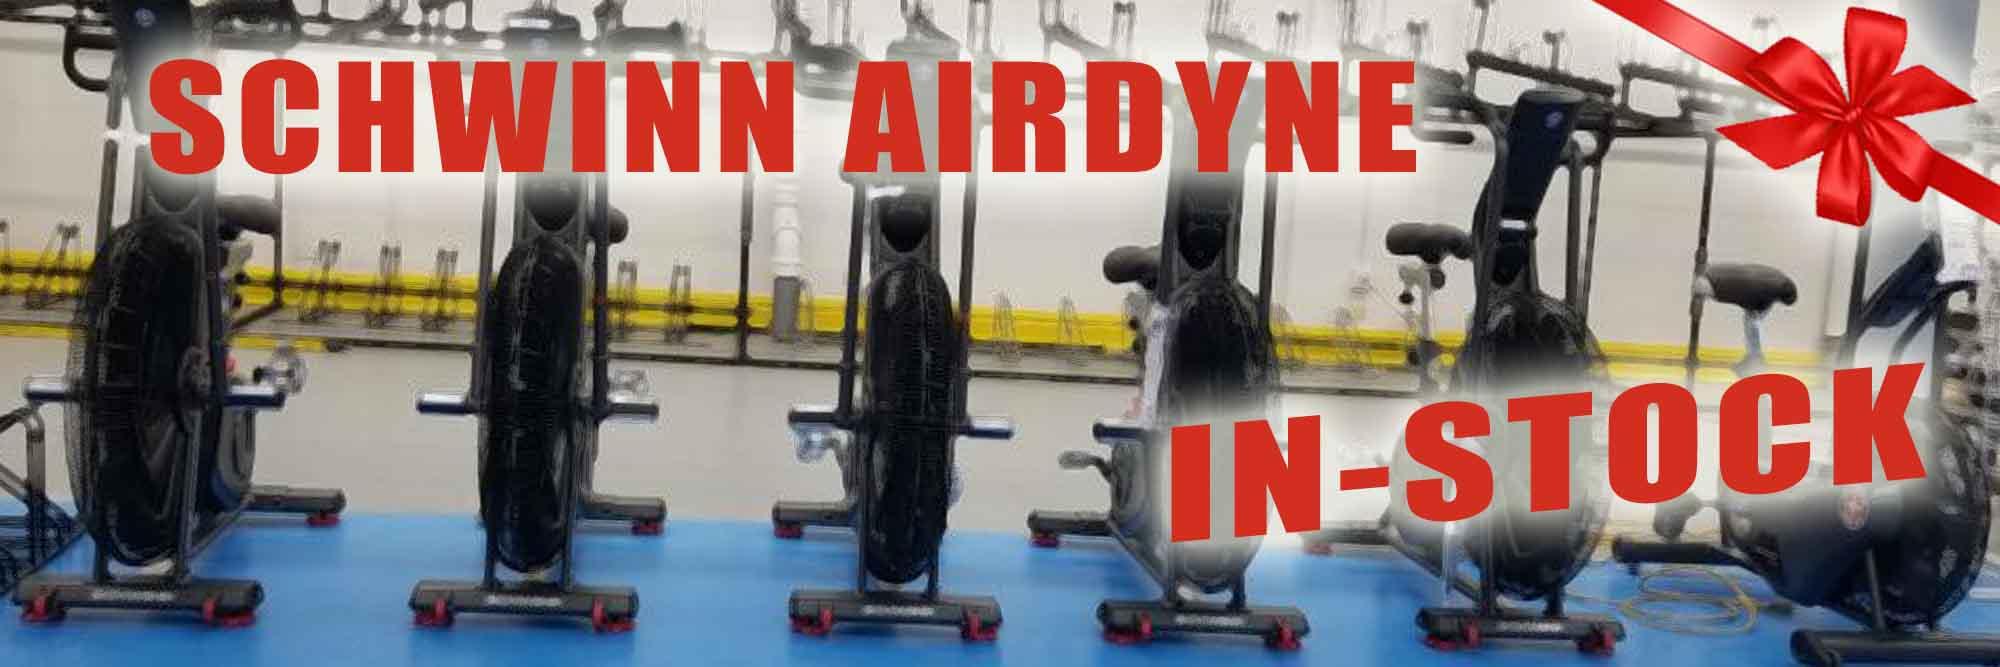 Schwinn Airdynes - In-Stock Now